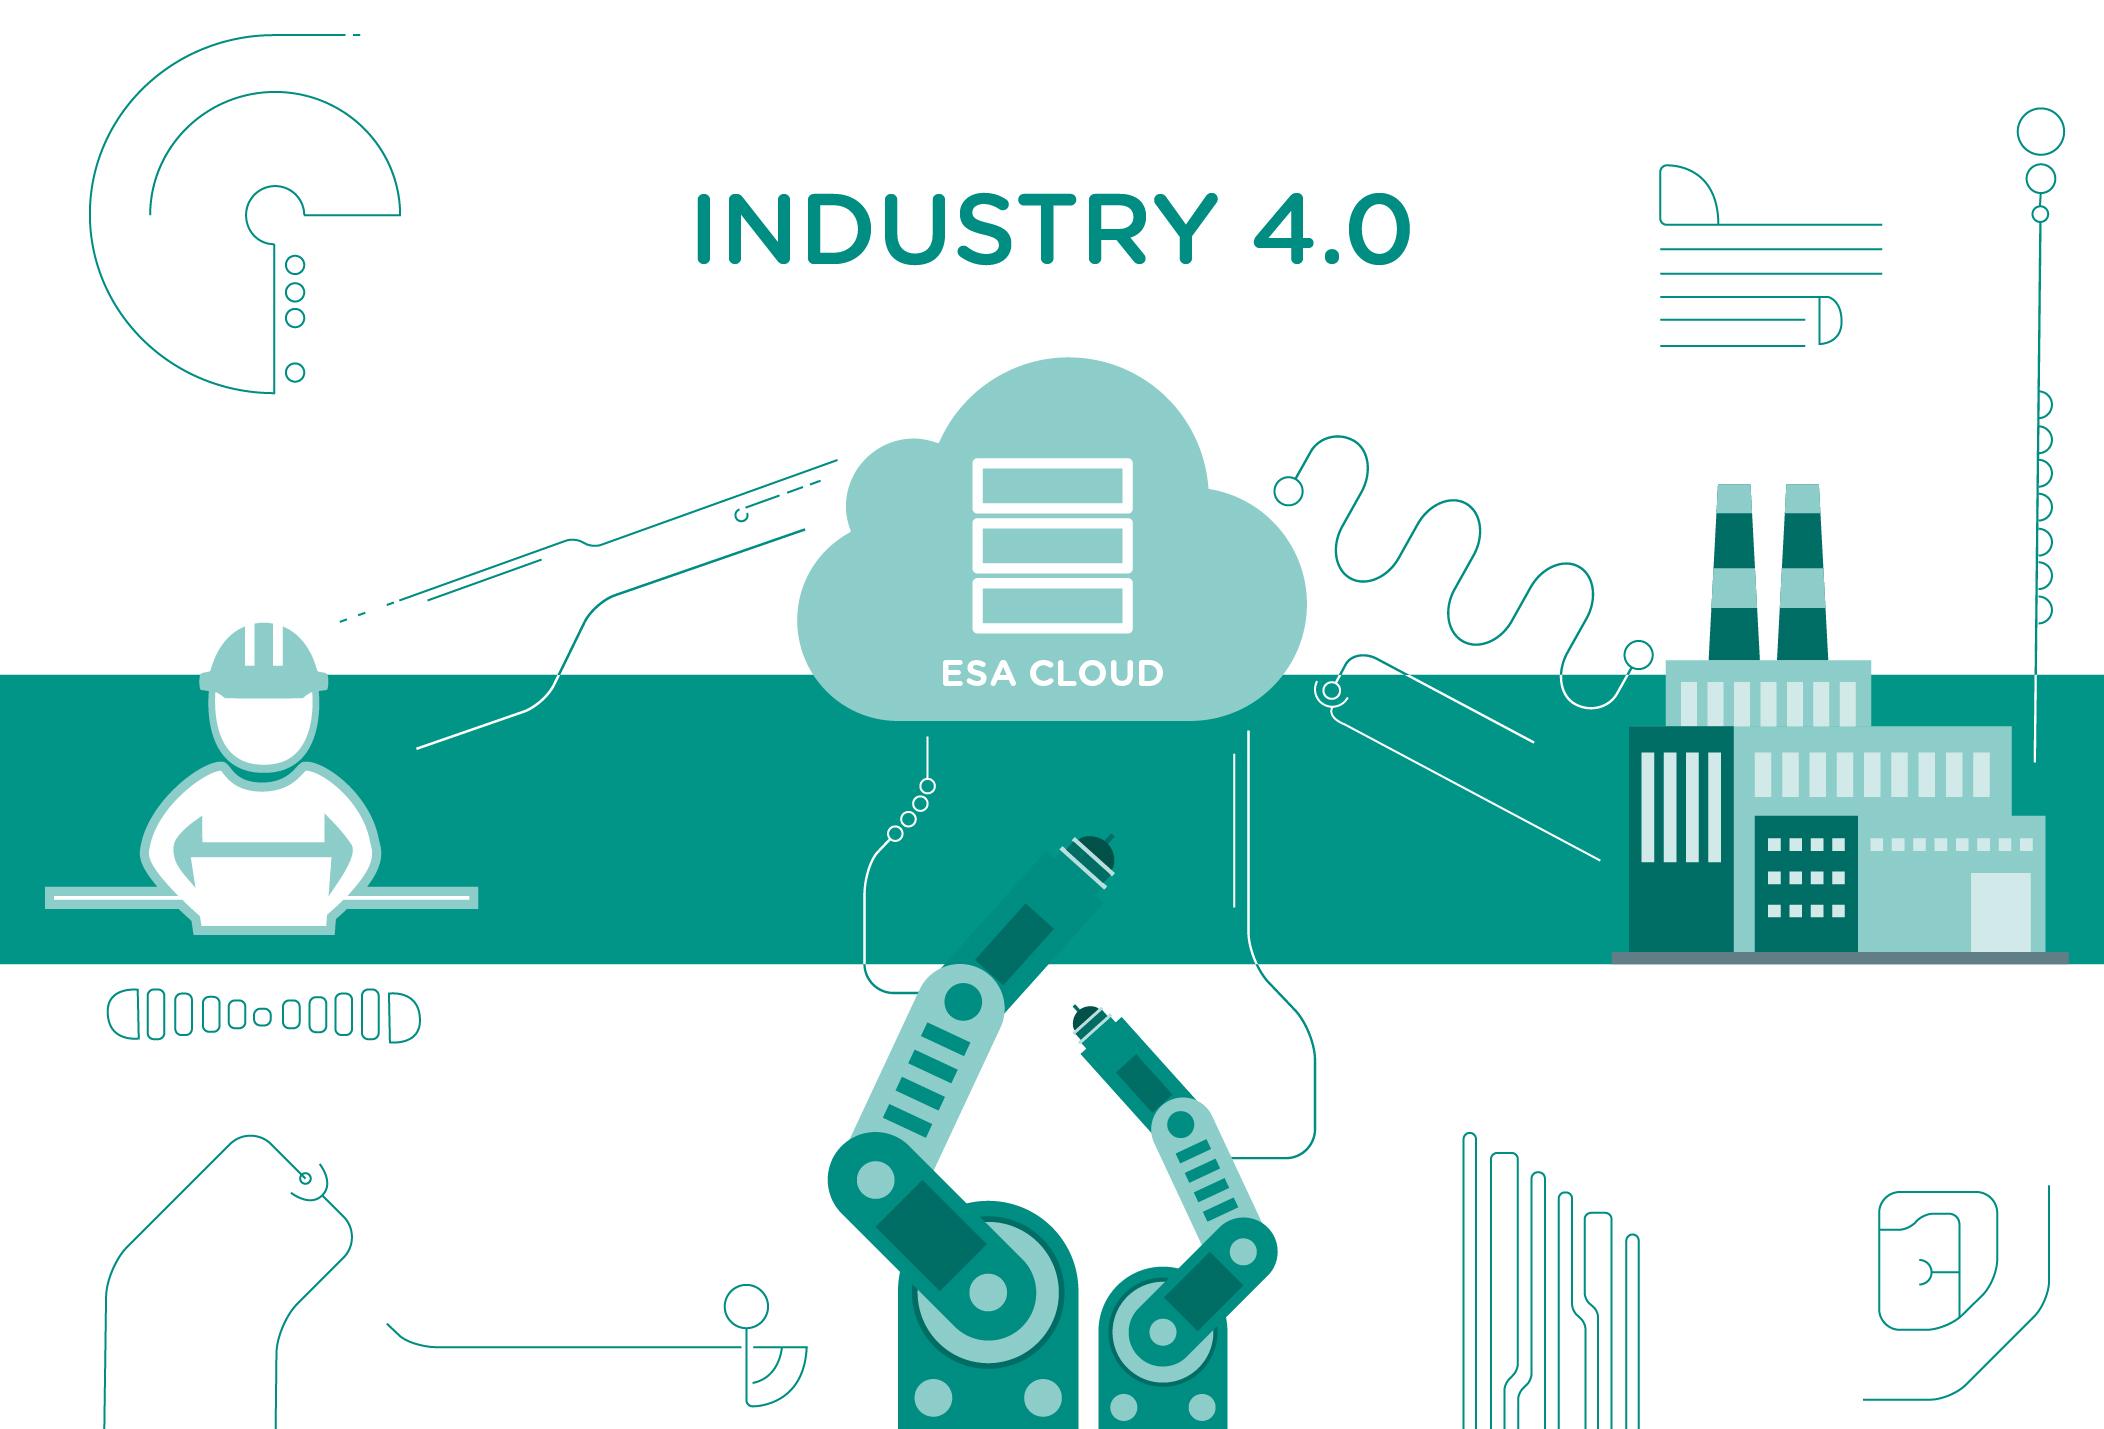 investire-nell-industria-4-0-digitalizzando-iprocessiproduttivi